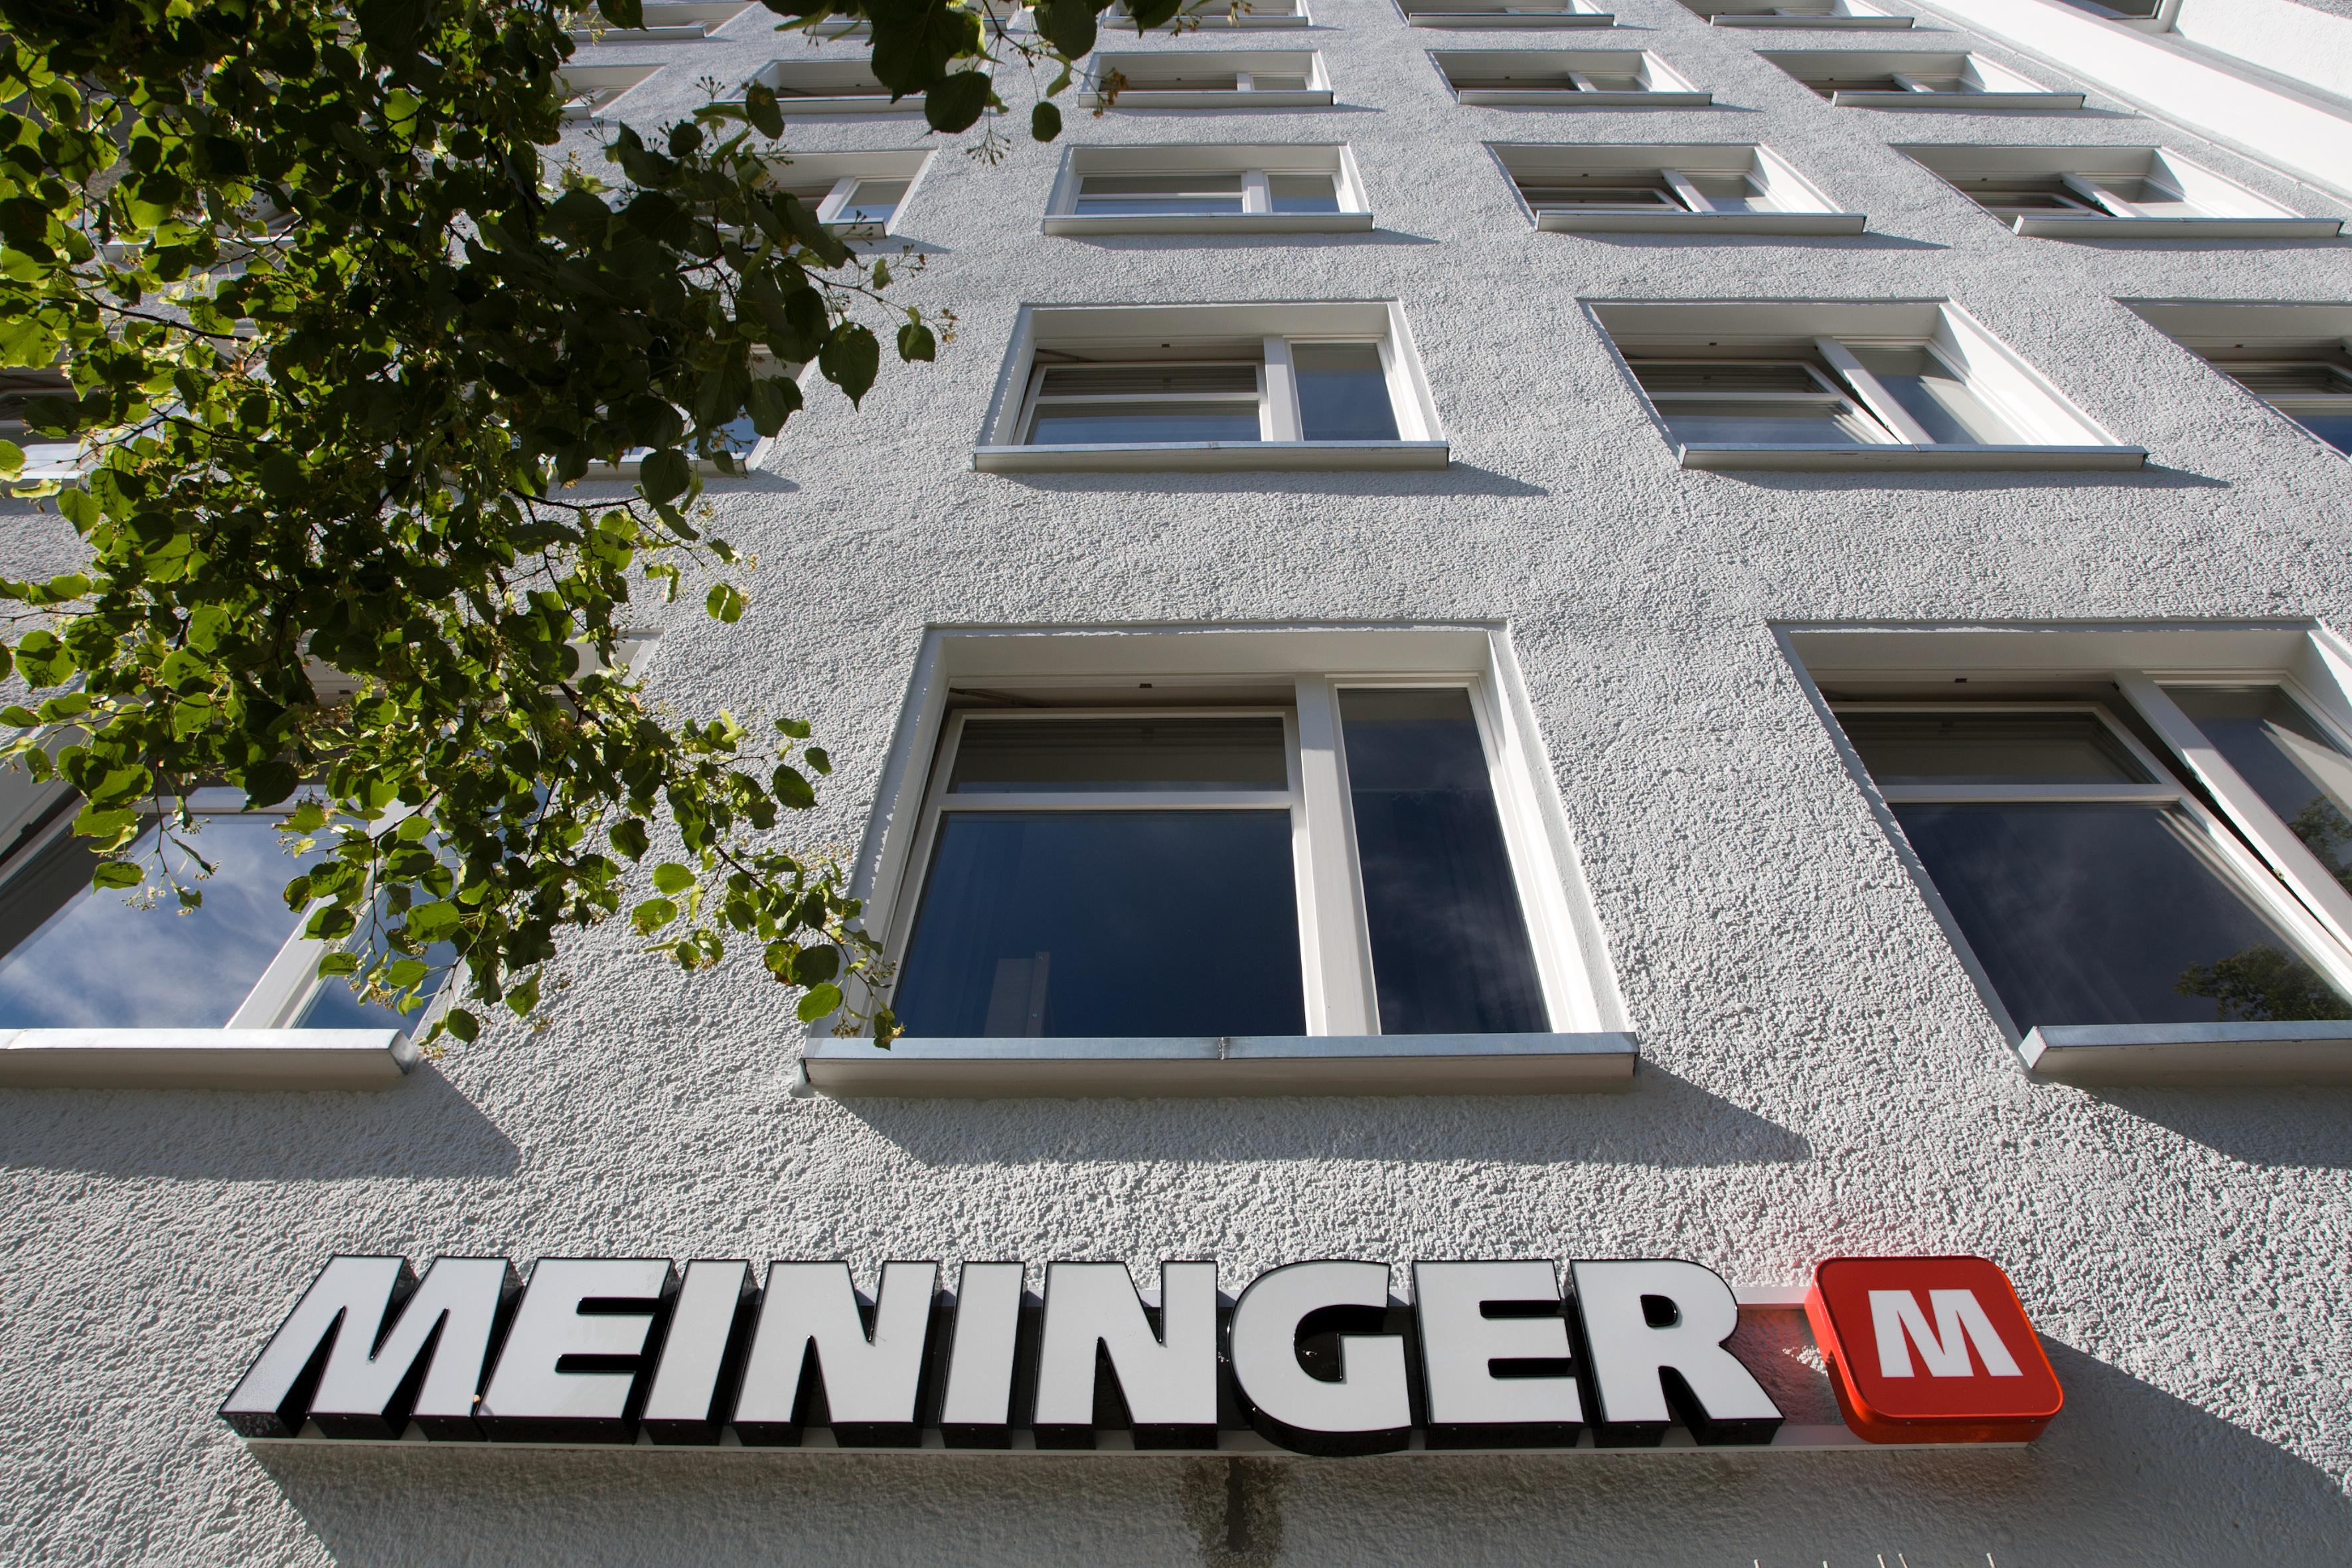 MEININGER Hotel Berlin Mitte - Allgemein